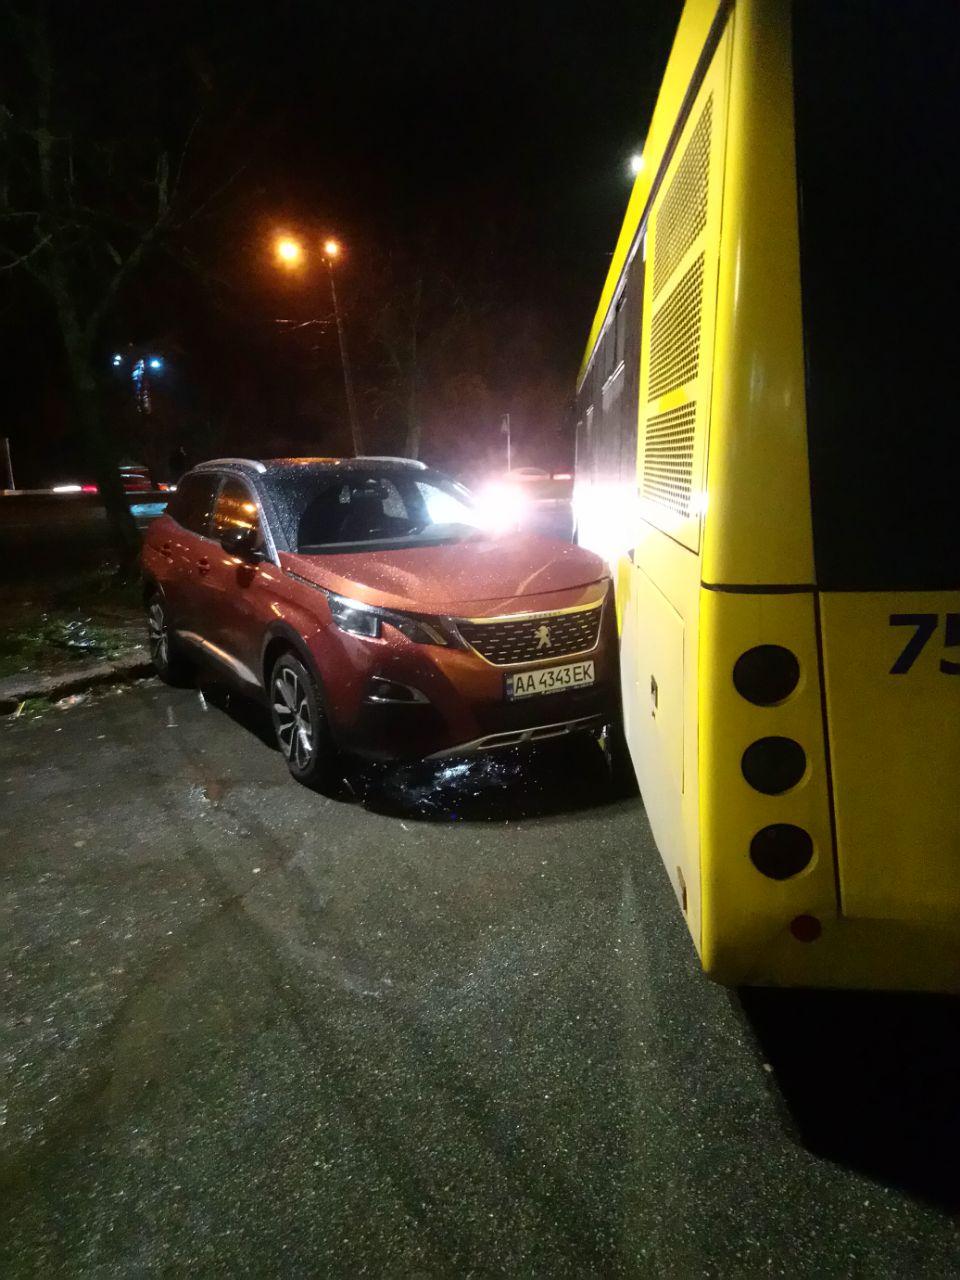 Курйозна ДТП: автобус не зміг об'їхати героя парковки - паркування, ДТП, автобус - IMG 20201120 194539 981